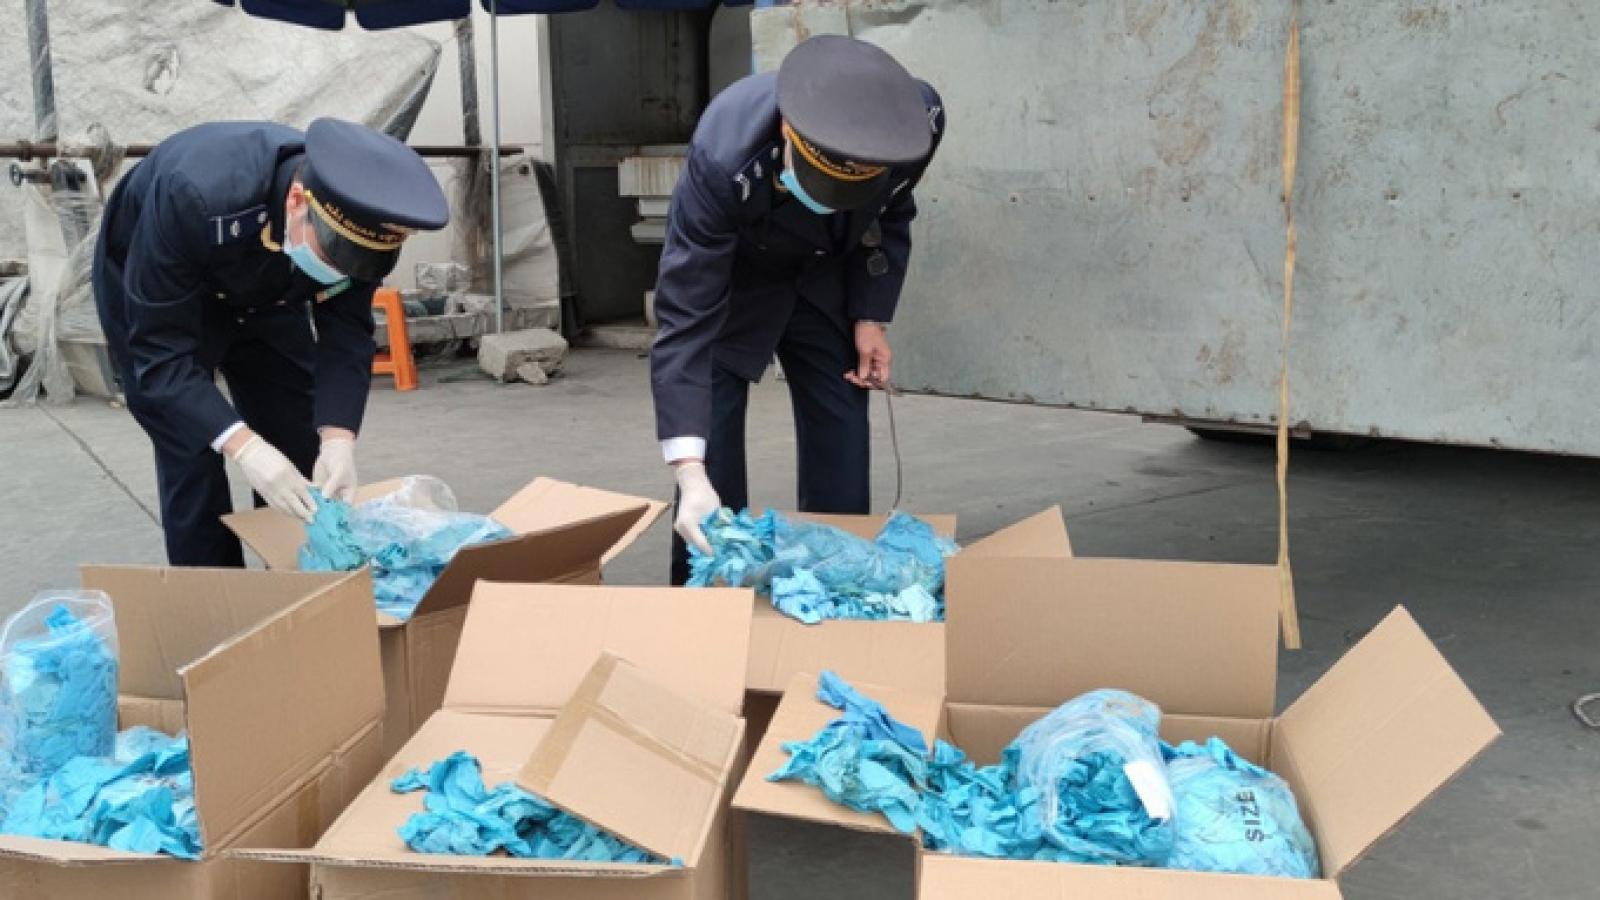 Khởi tố doanh nghiệp nhập khẩu gần 6 tấn găng tay đã qua sử dụng